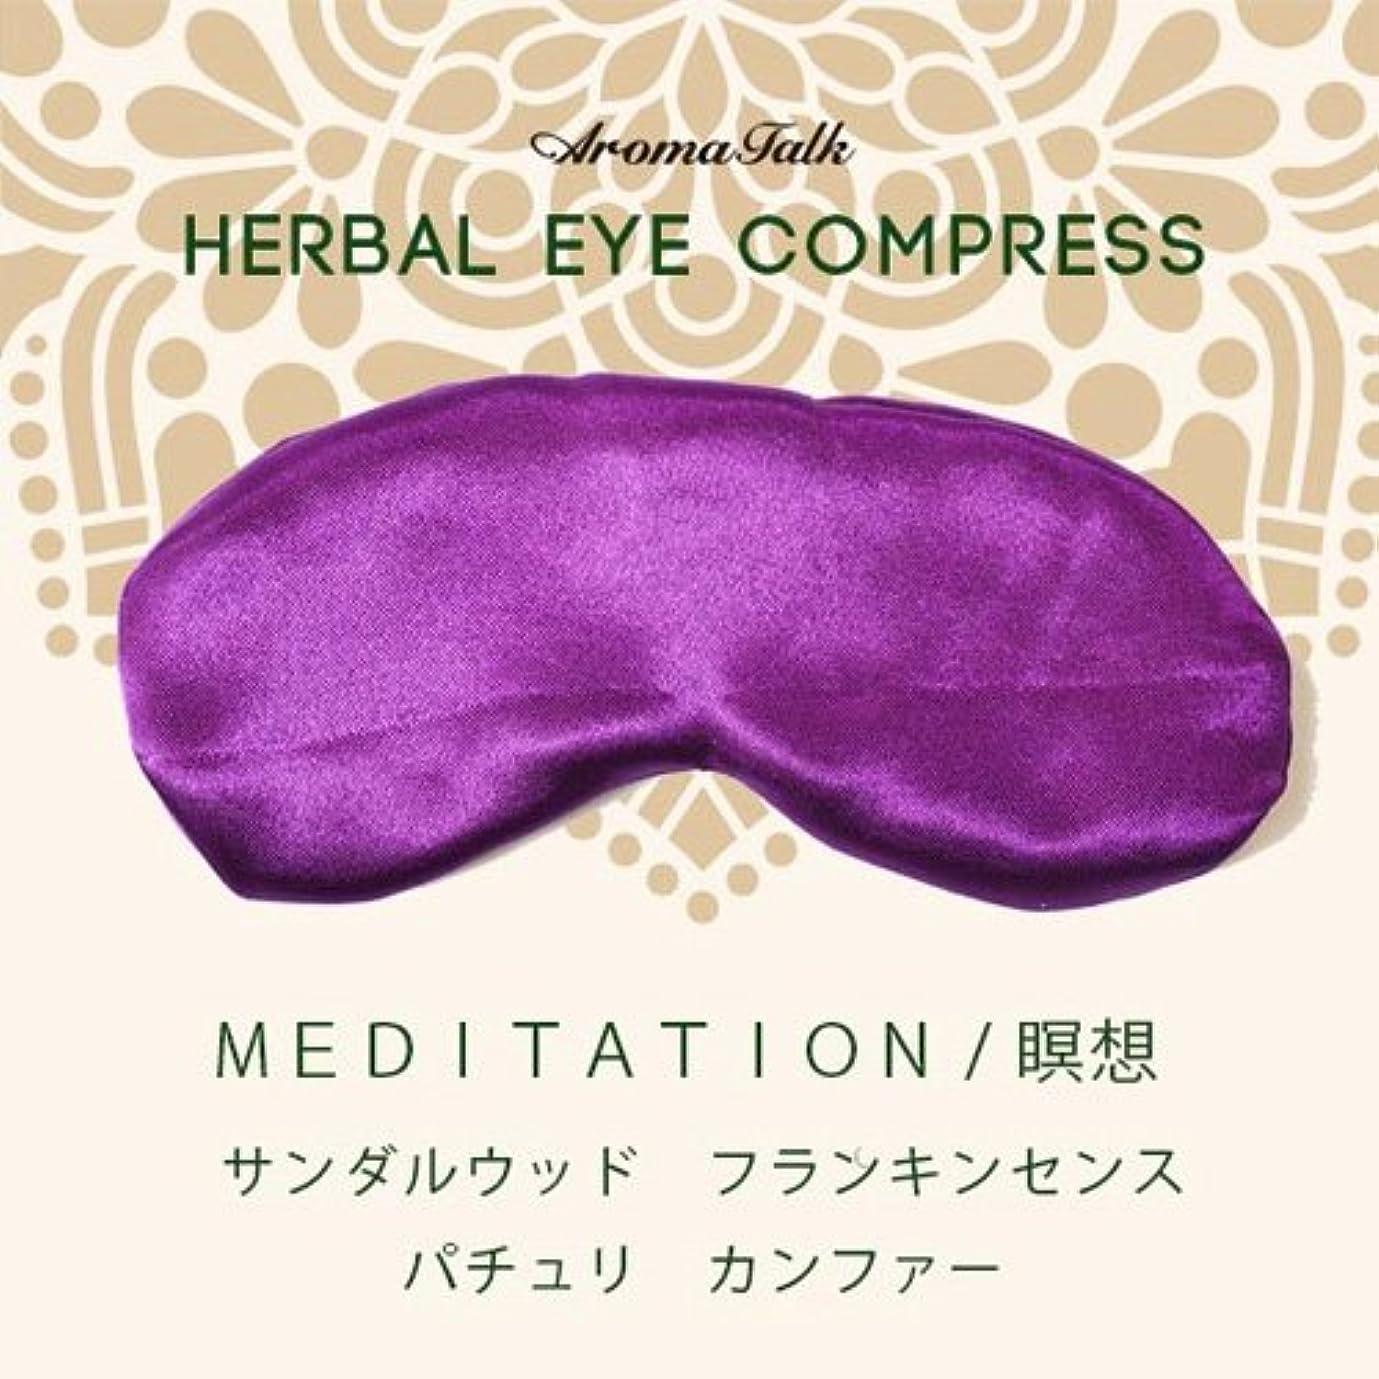 副産物またはどちらか縫うハーバルアイコンプレス「メディテイション 瞑想」紫/禅をイメージしたウッド系の香り